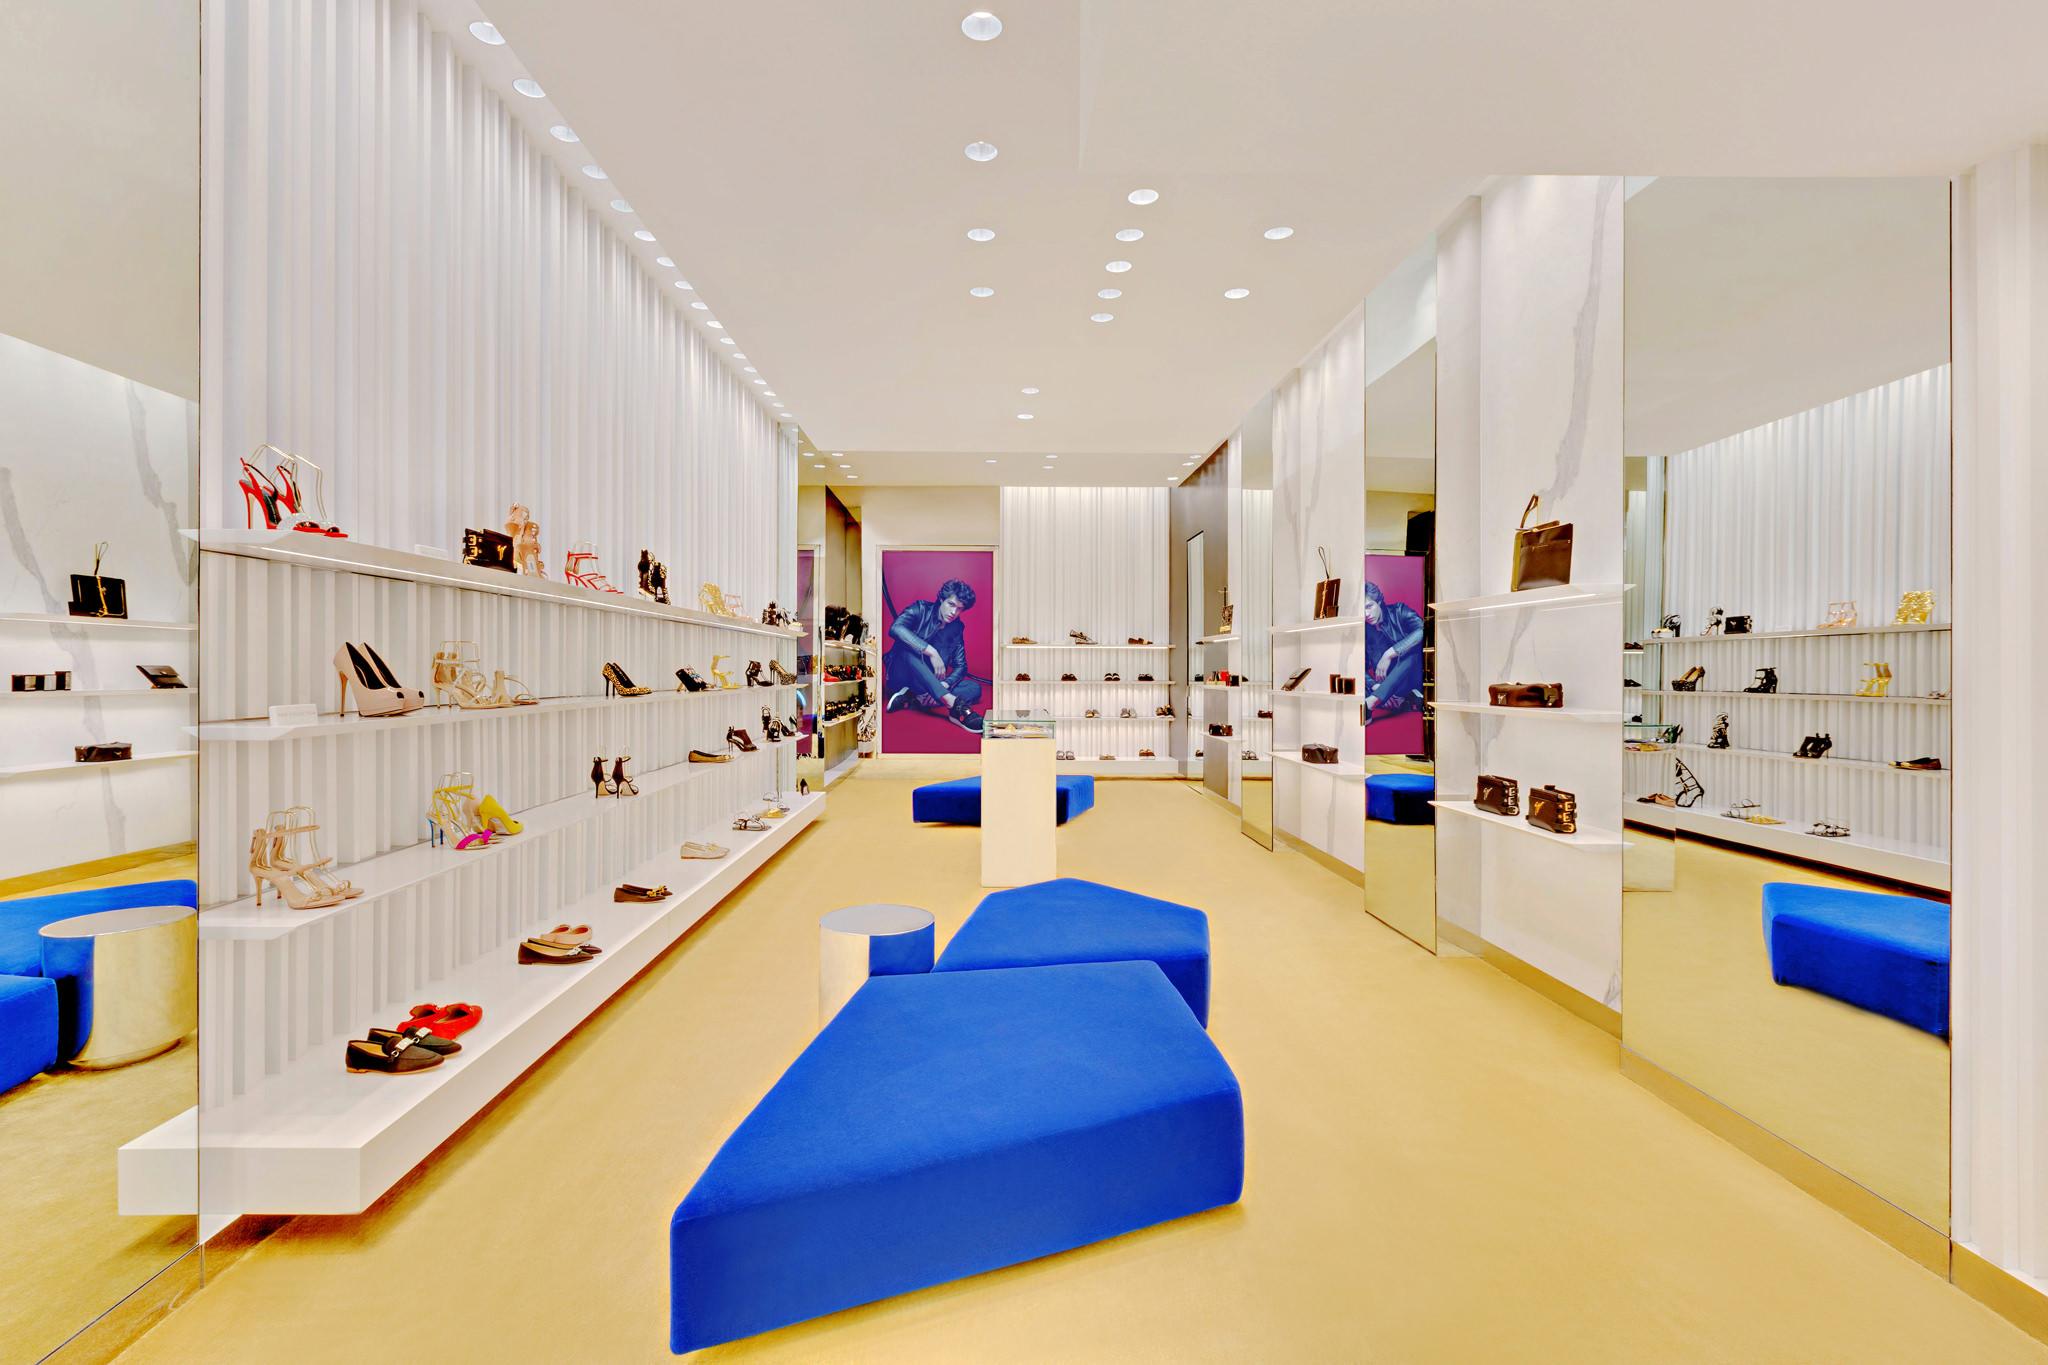 20170807 - Giuseppe Zanotti - HCM - Commercial - Interior - Store - Retouch 01.jpg